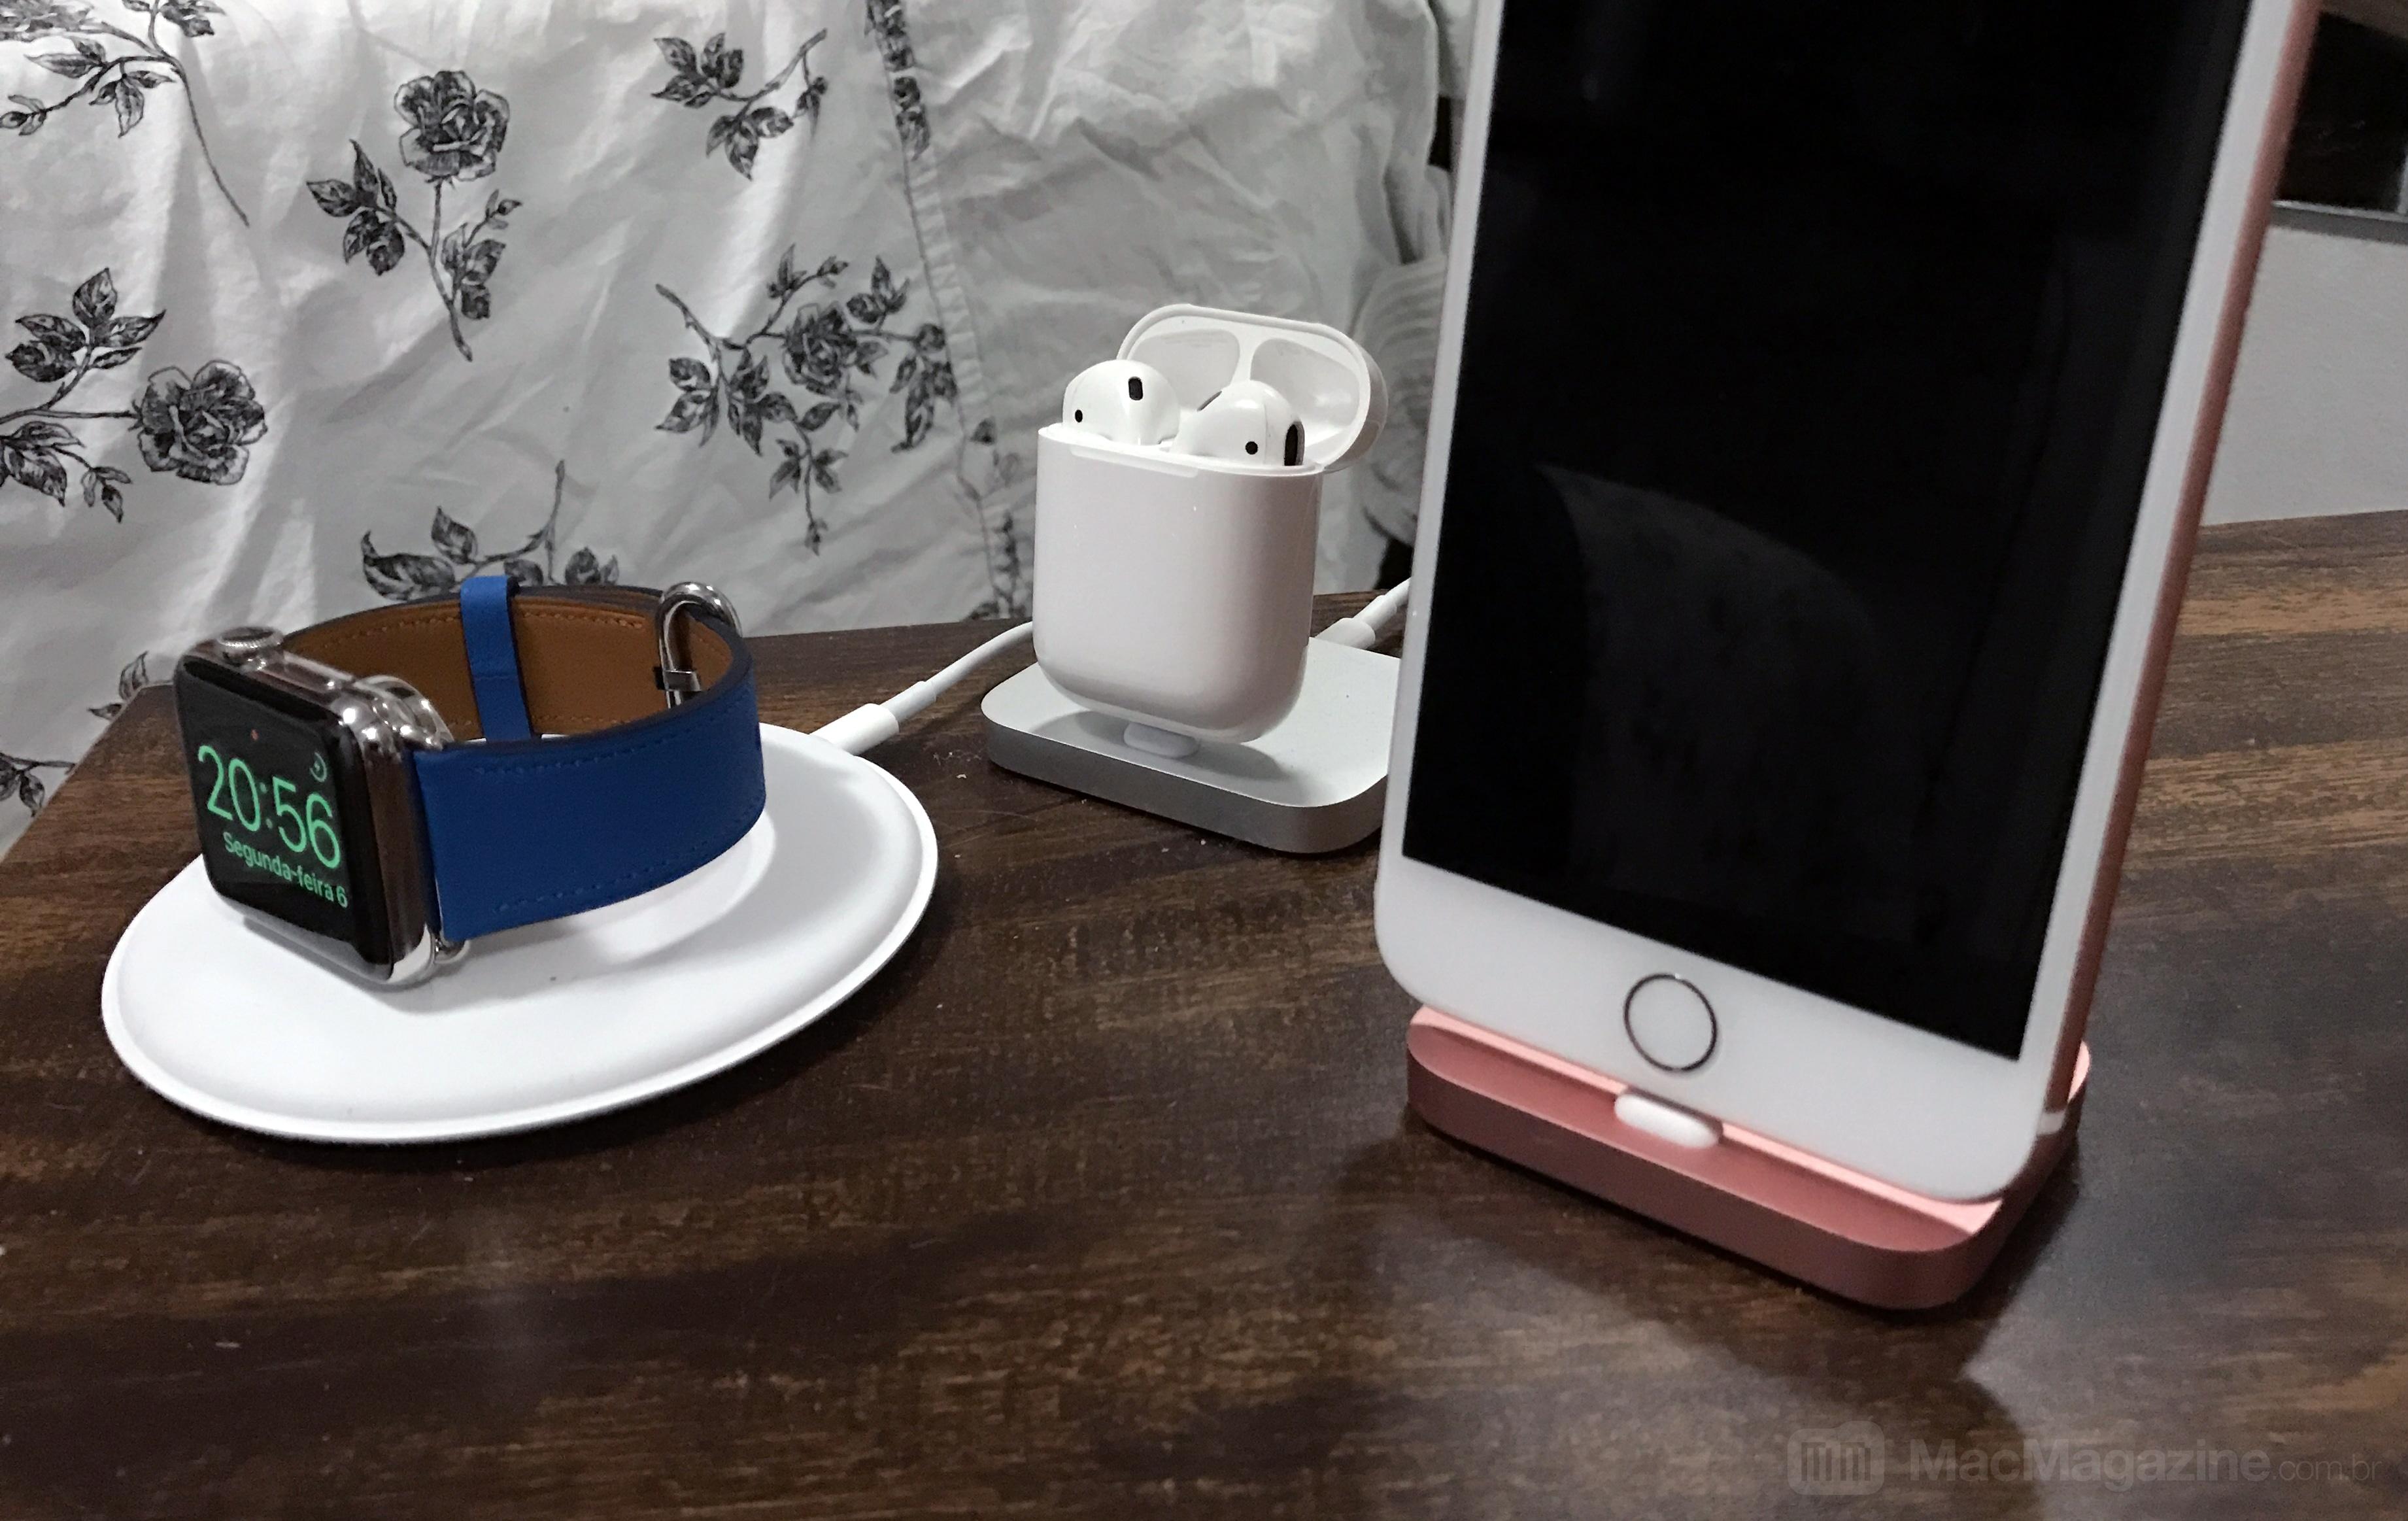 Apple Watch, AirPods e iPhone carregando em docks/stands